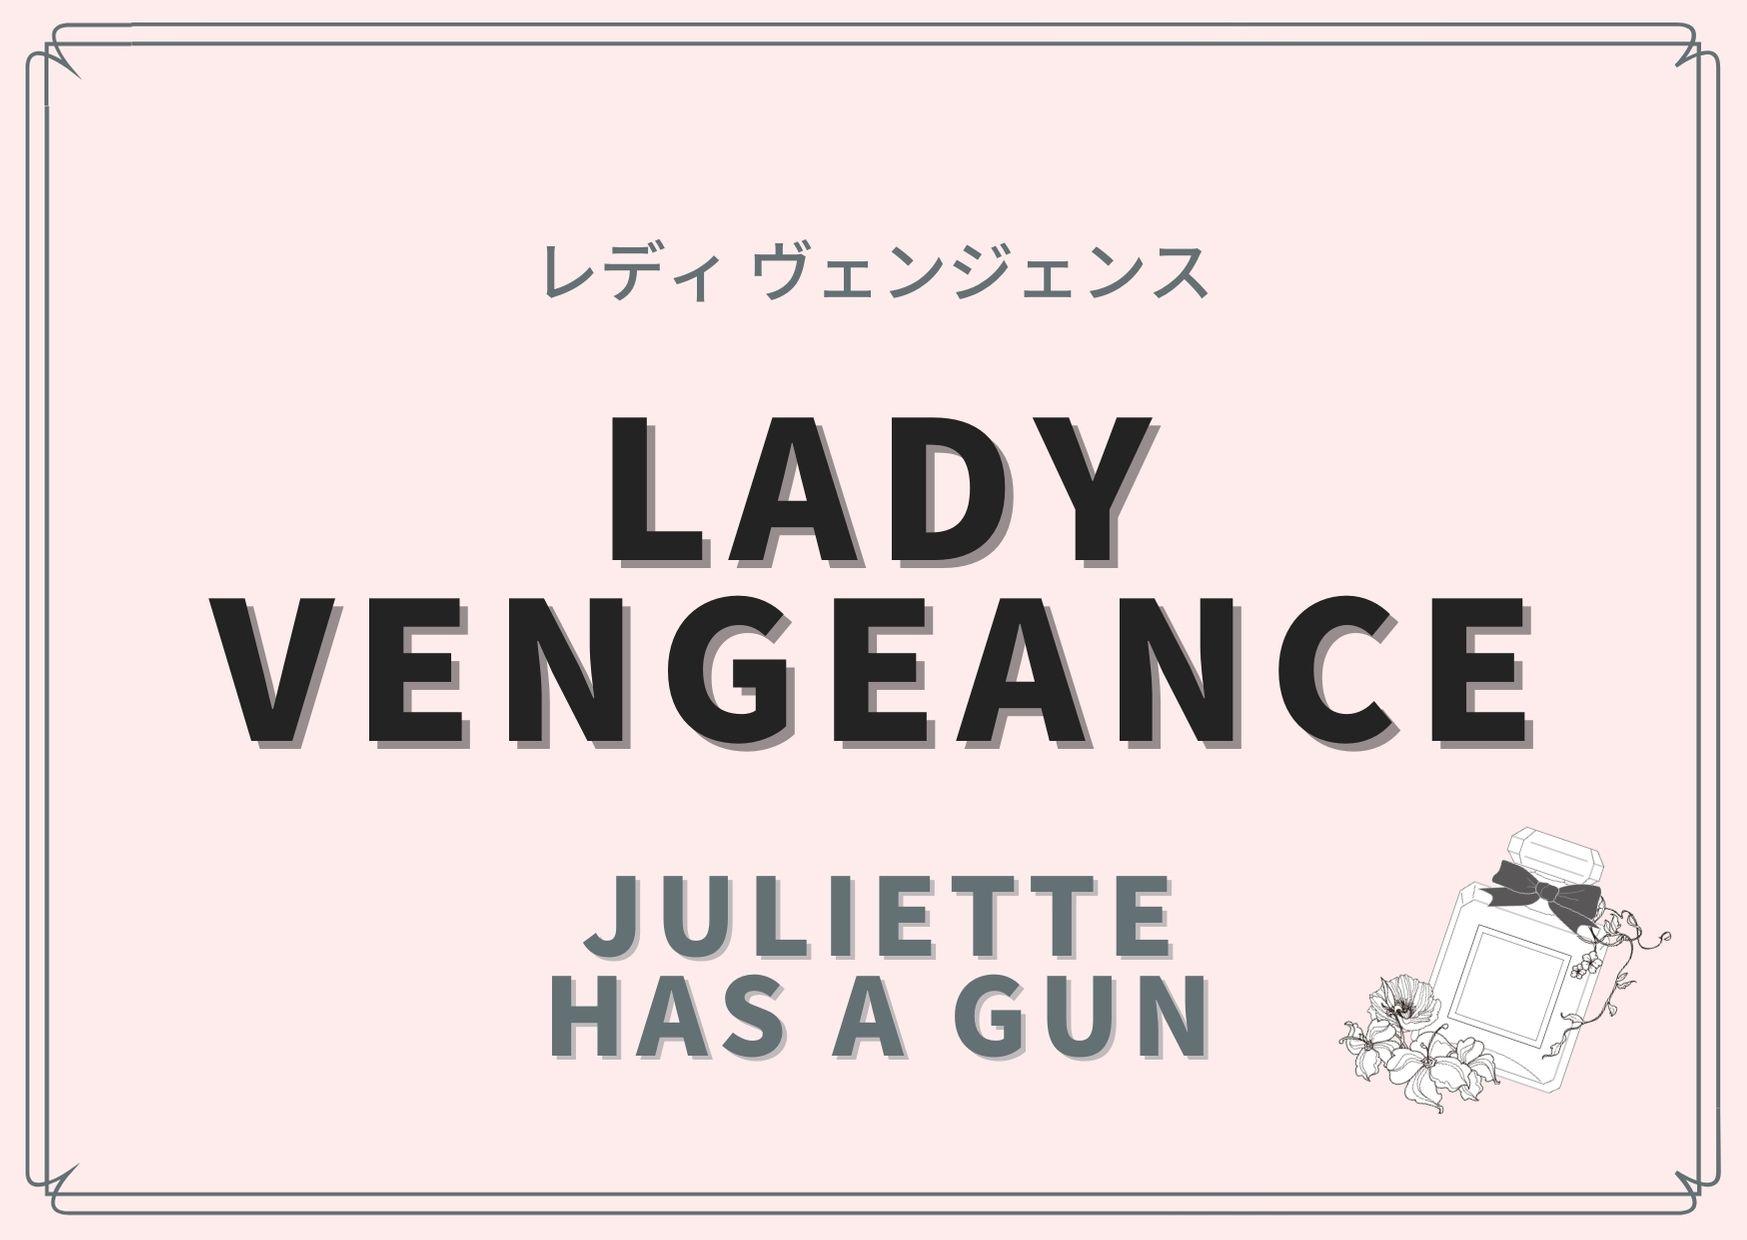 LADY VENGEANCE(レディ ヴェンジェンス)/Juliette has a gun(ジュリエット ハズ ア ガン)